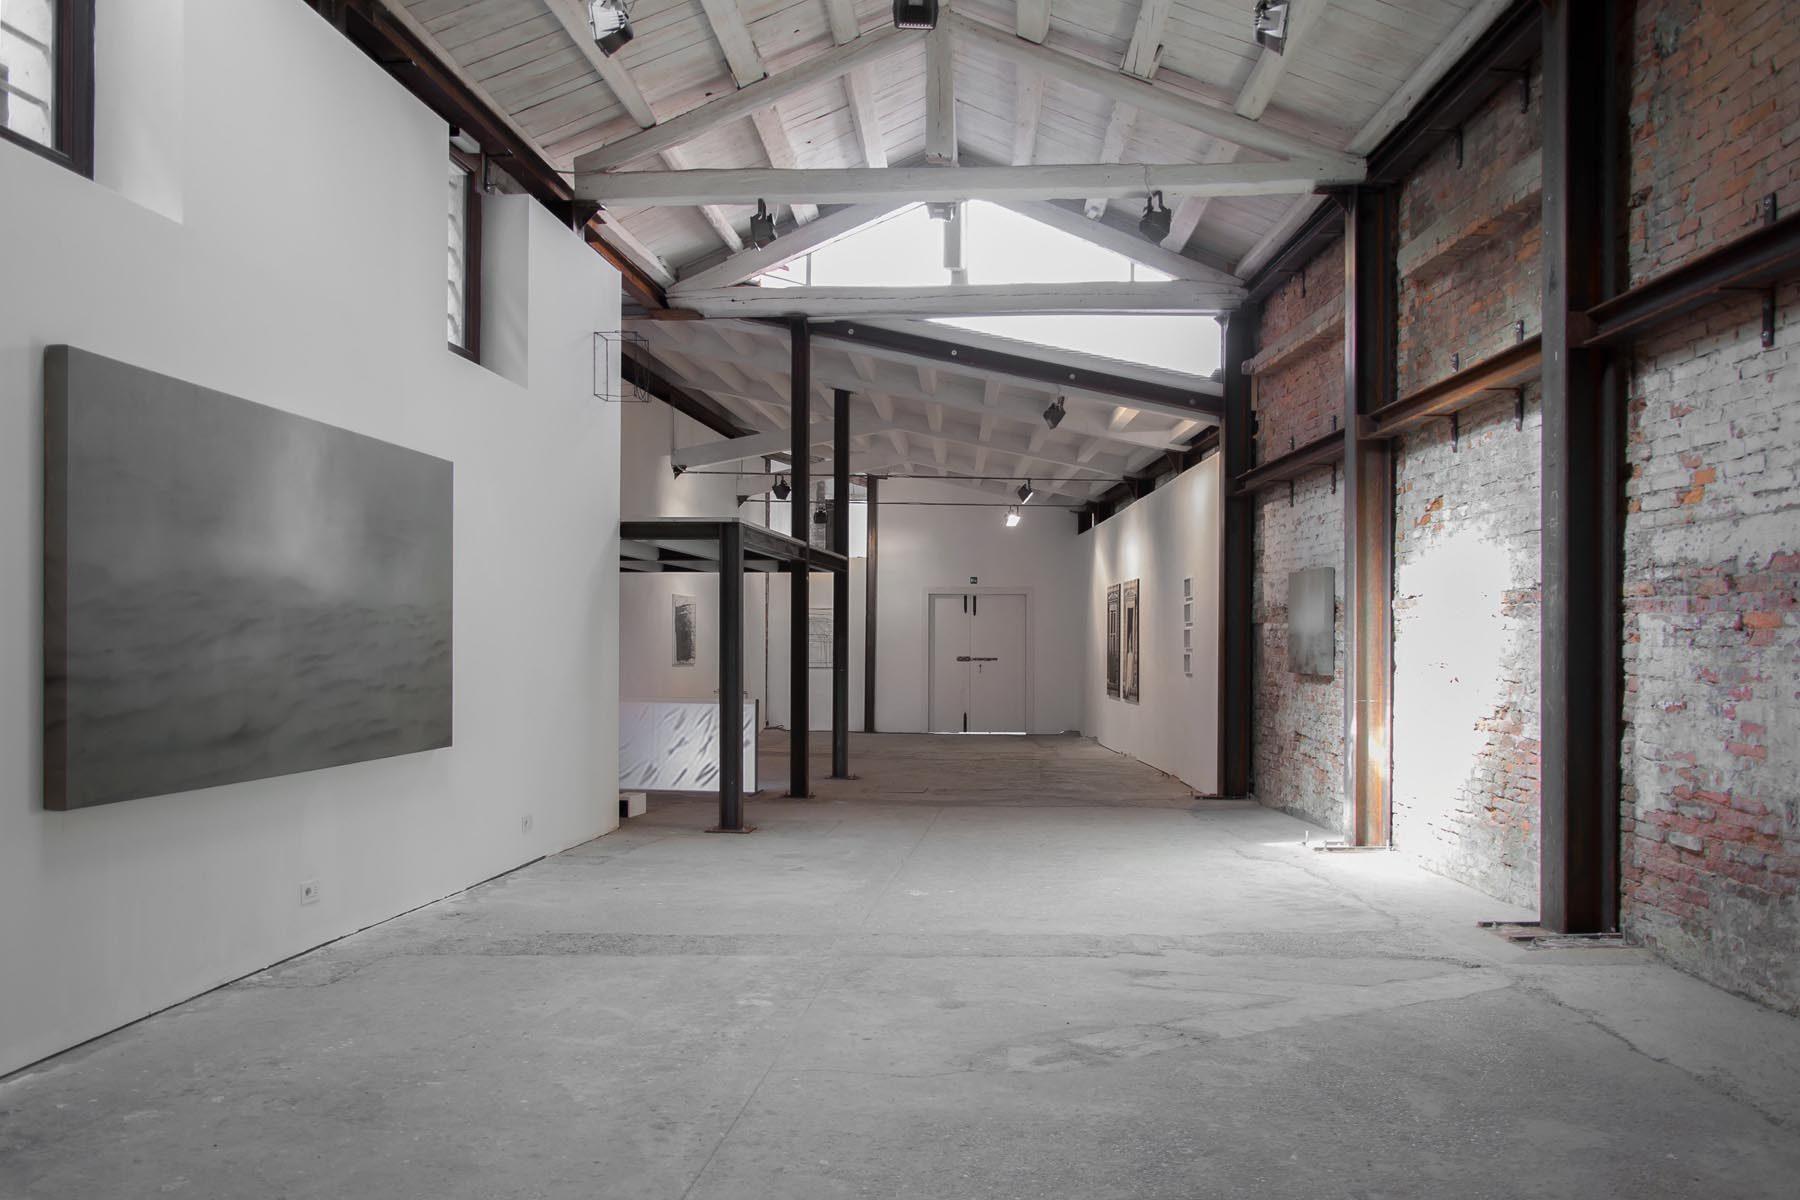 Les yeux qui louchent, show view, Galerie Alberta Pane, Venice